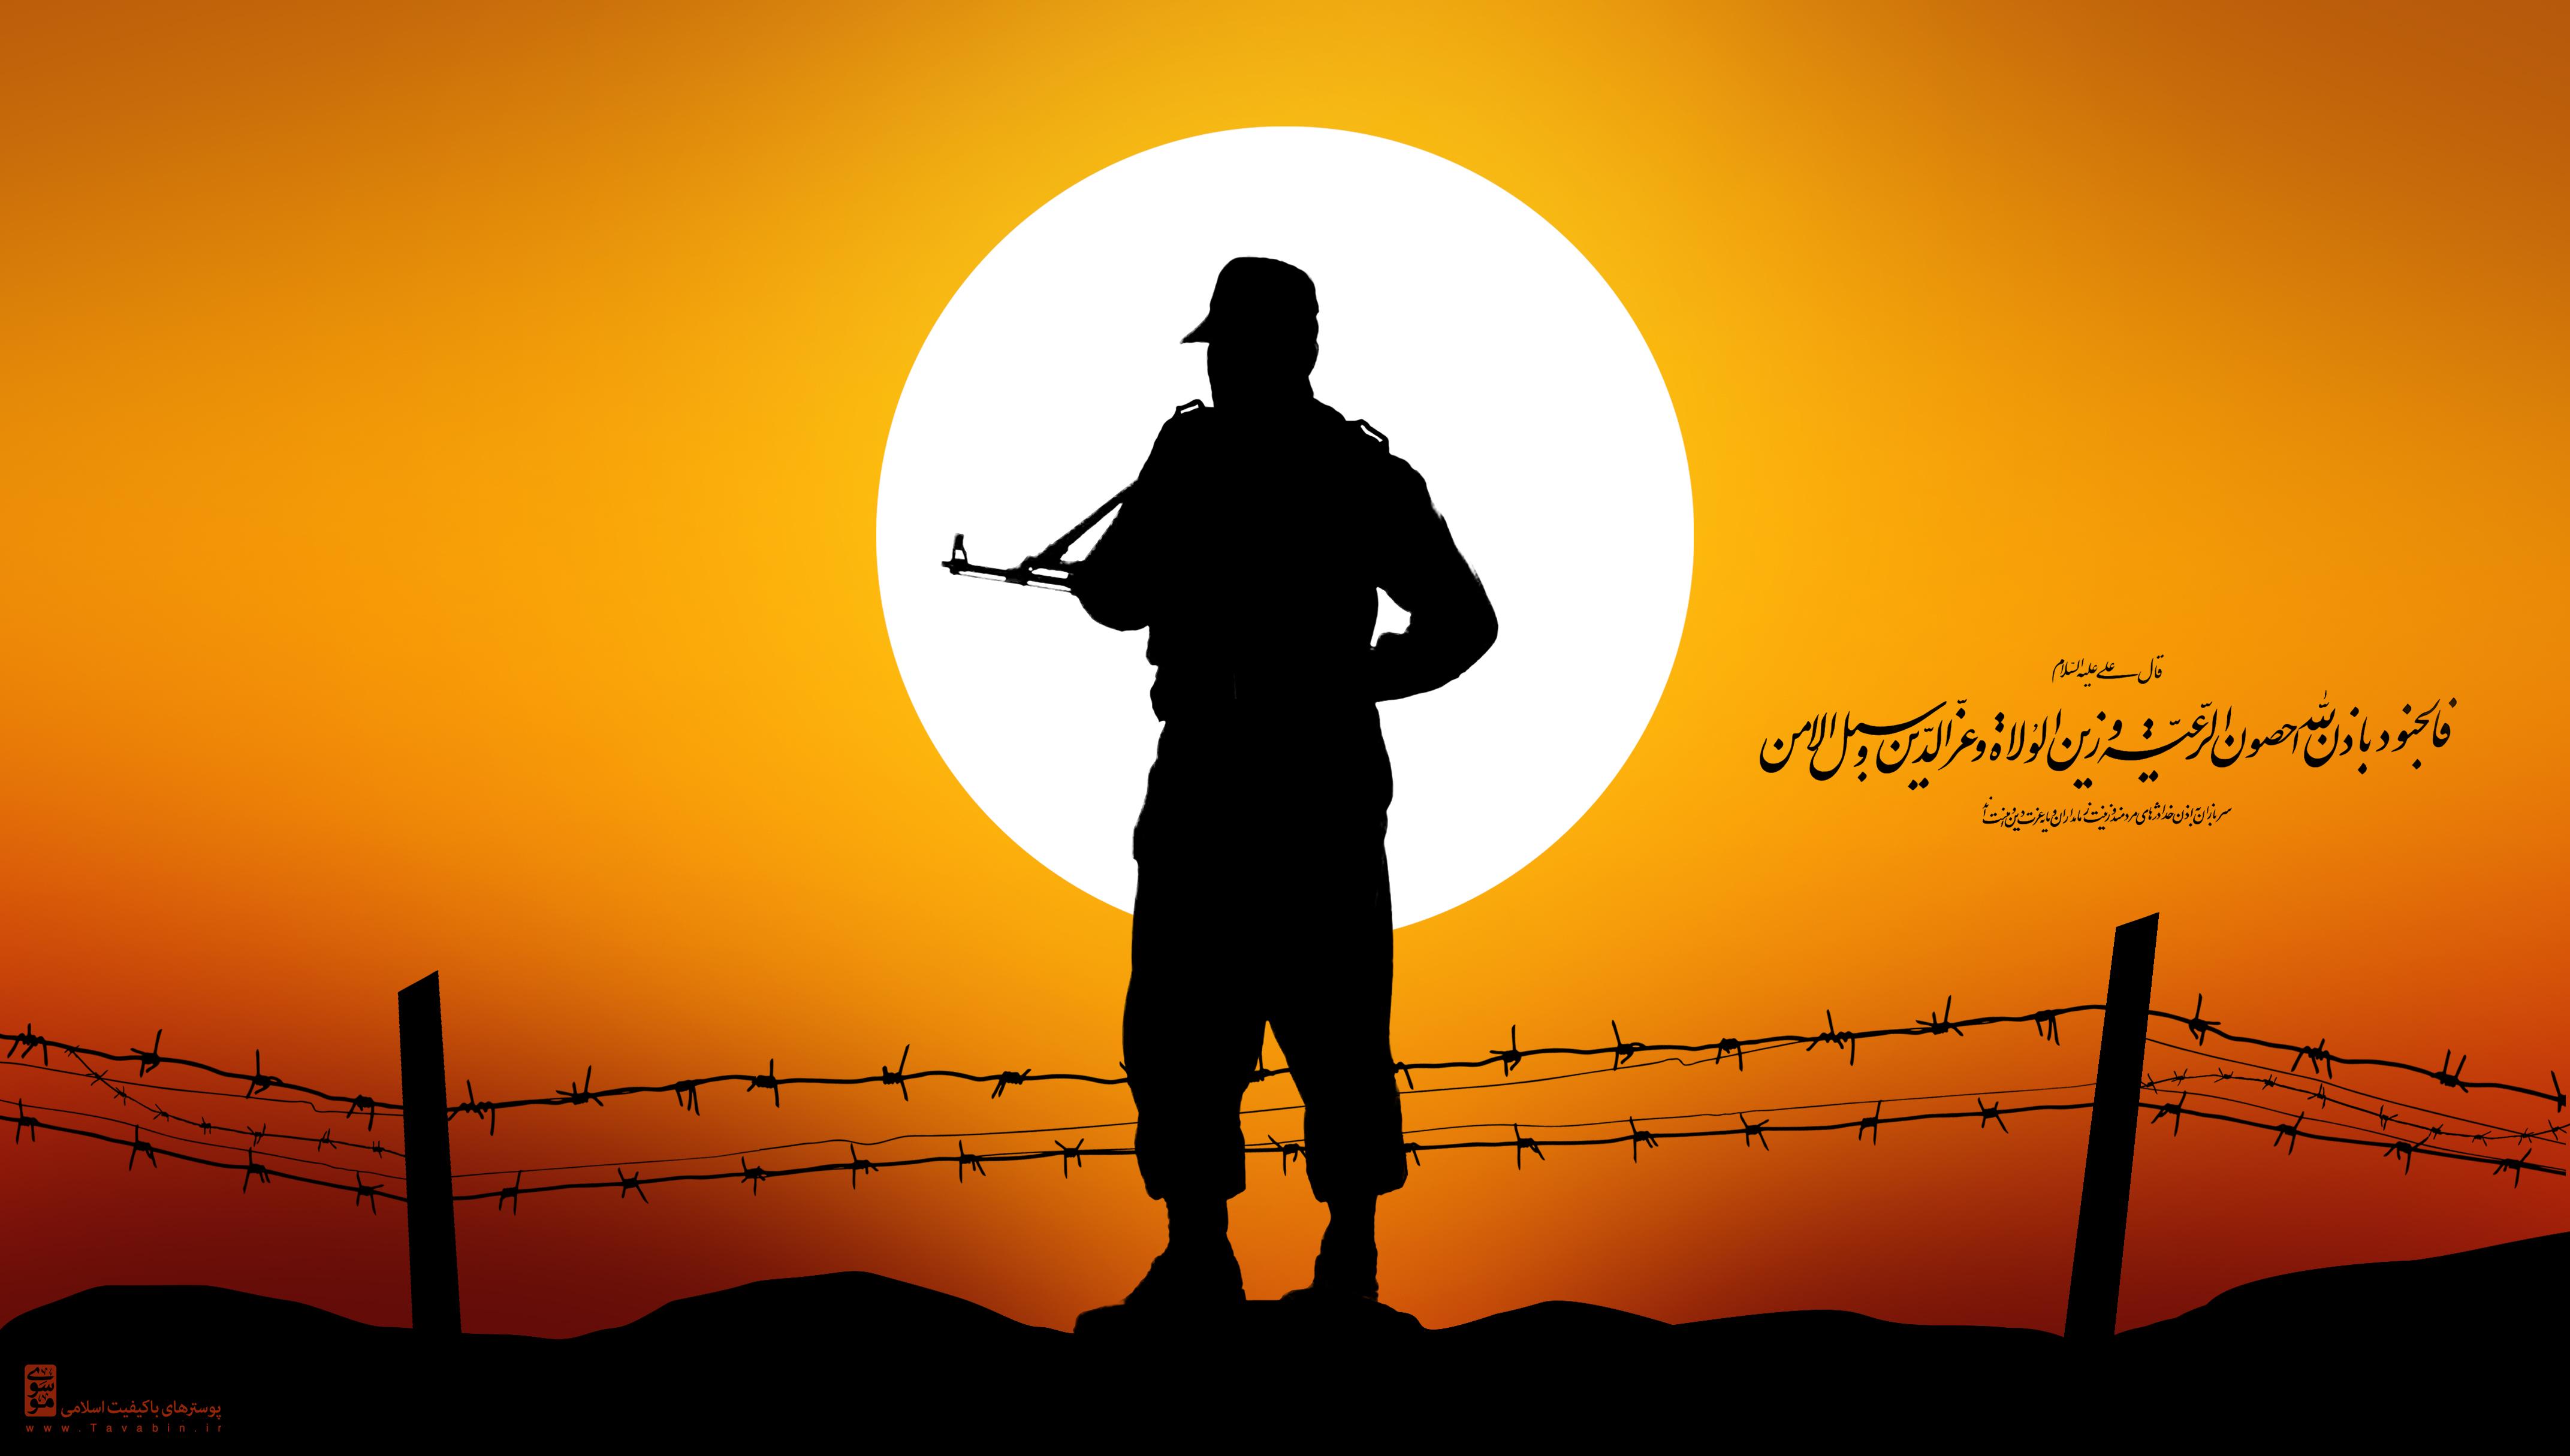 پوستر سرباز